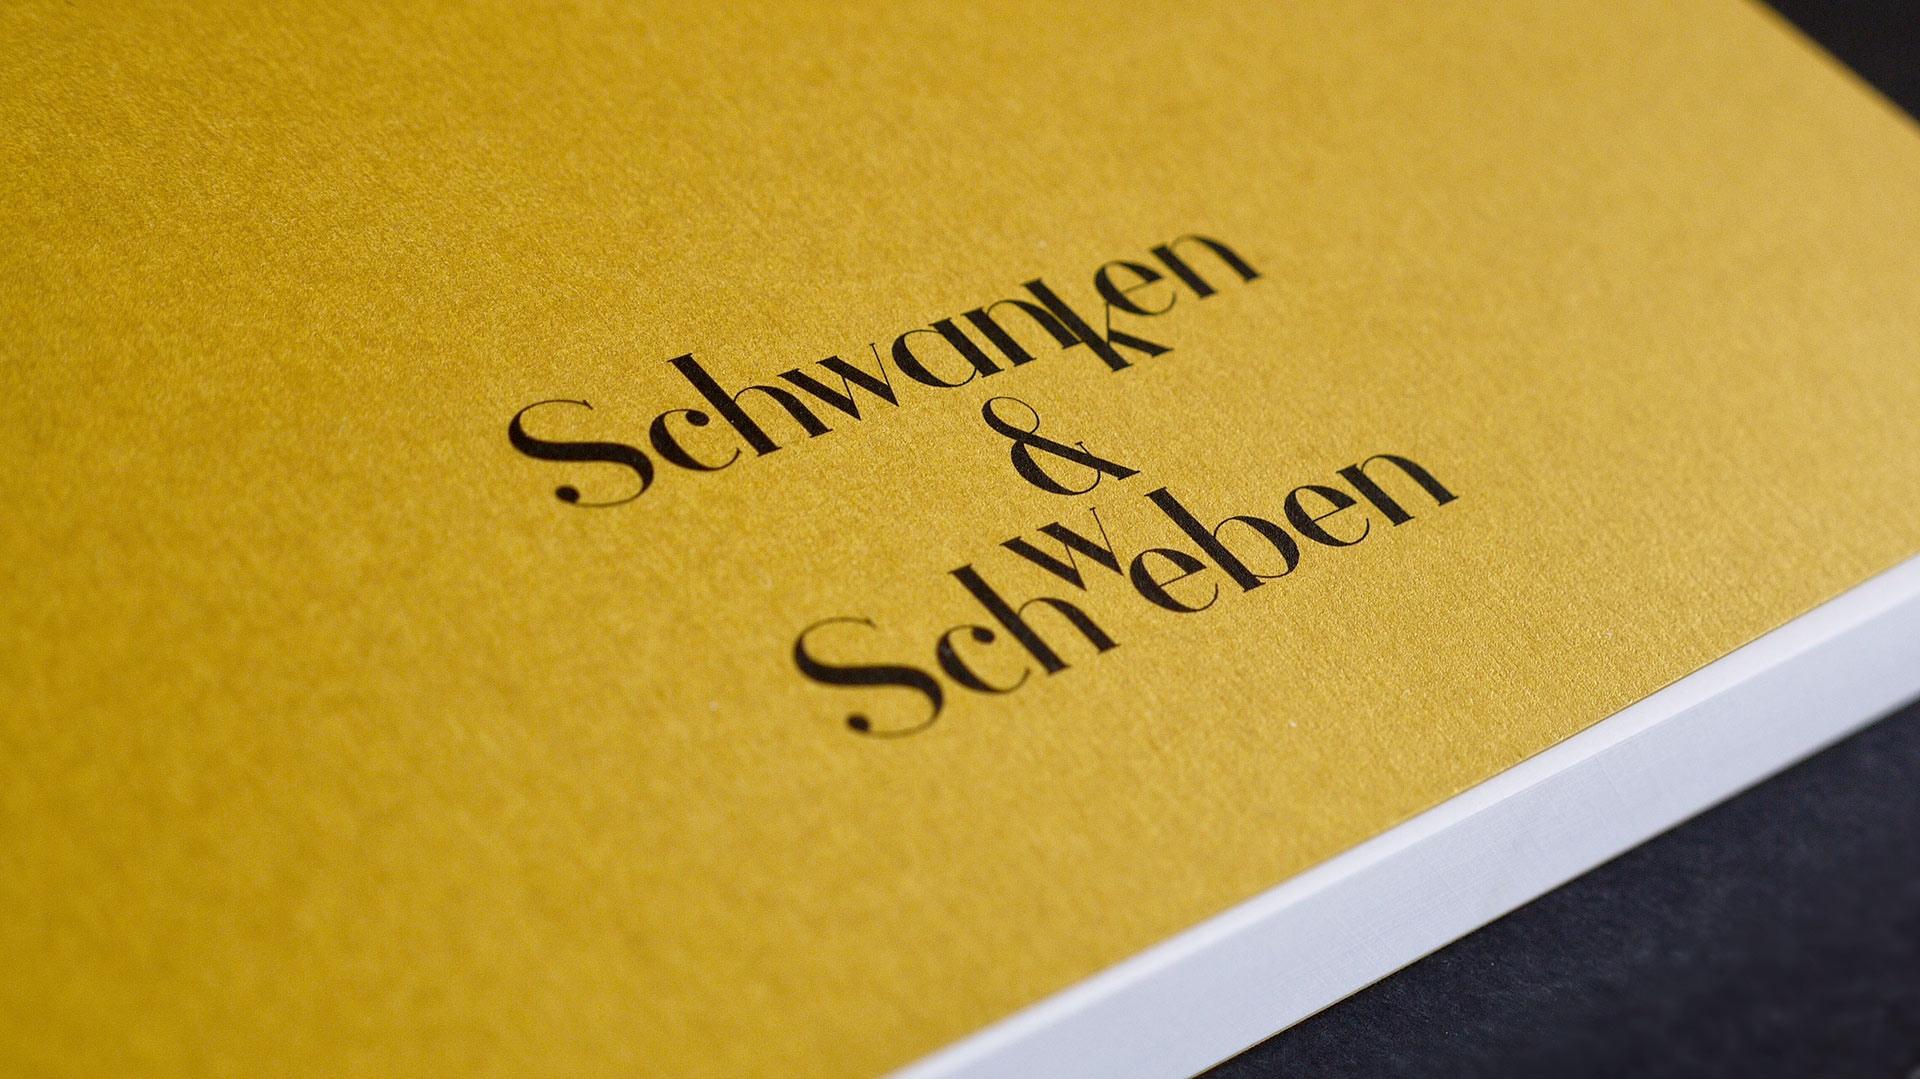 thomasdruck-schwanken-und-schweben__1140273 ThomasDruck - Referenzen- Schwanken & Schweben